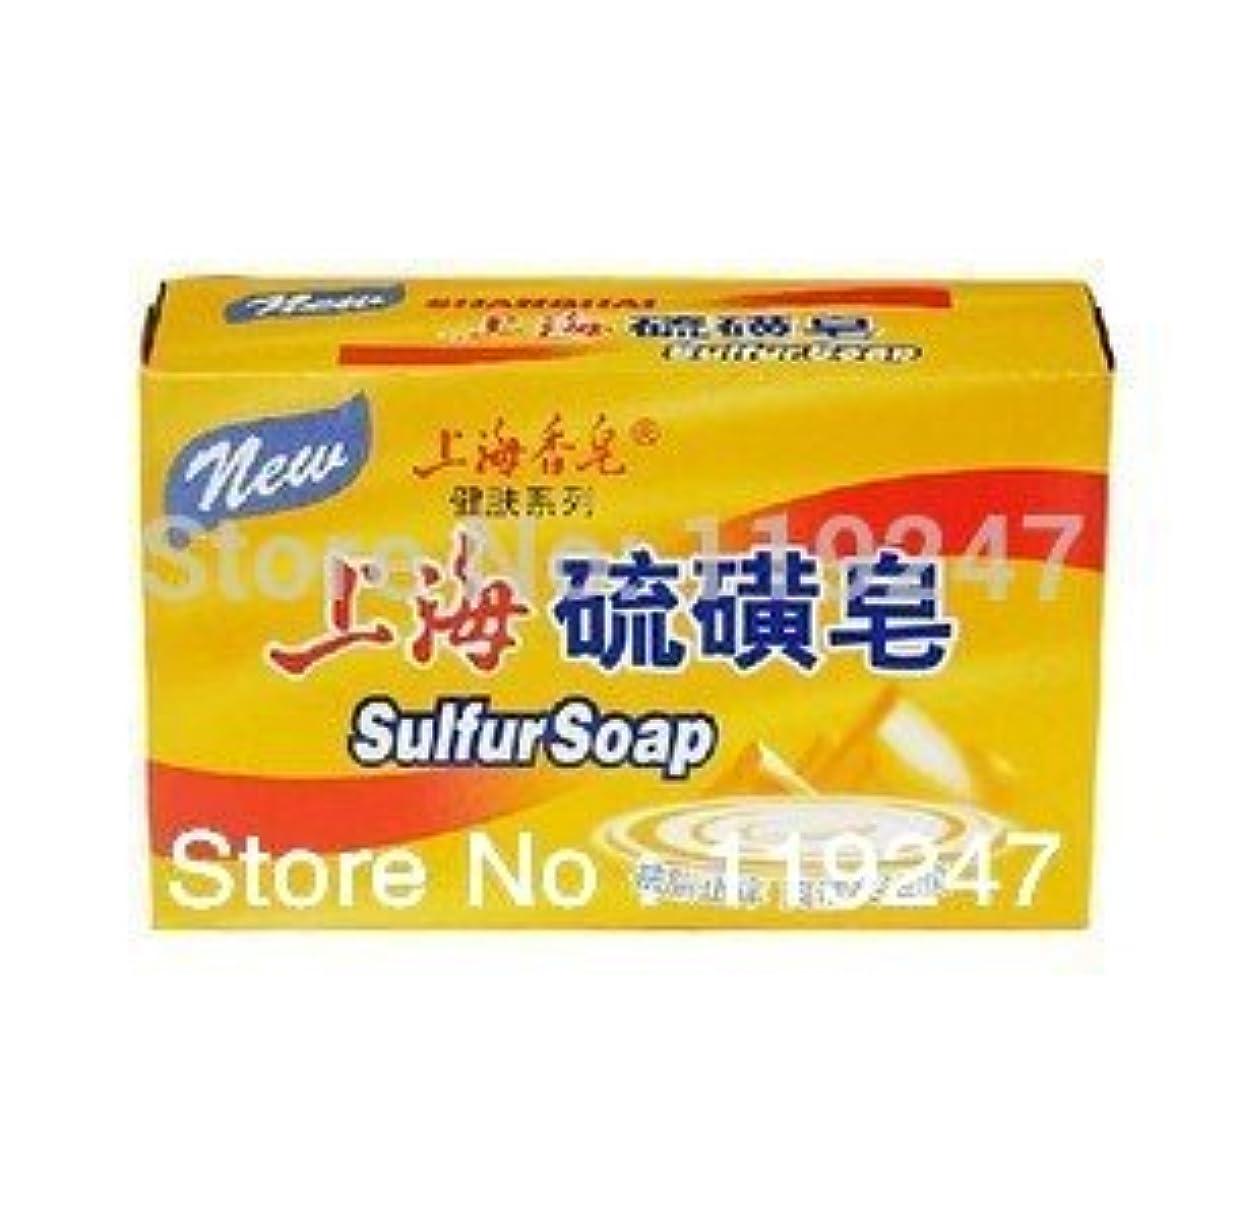 マナー蒸発疾患Lorny (TM) 上海硫黄石鹸アンチ菌ダニ、ストップかゆみ125グラム格安 [並行輸入品]